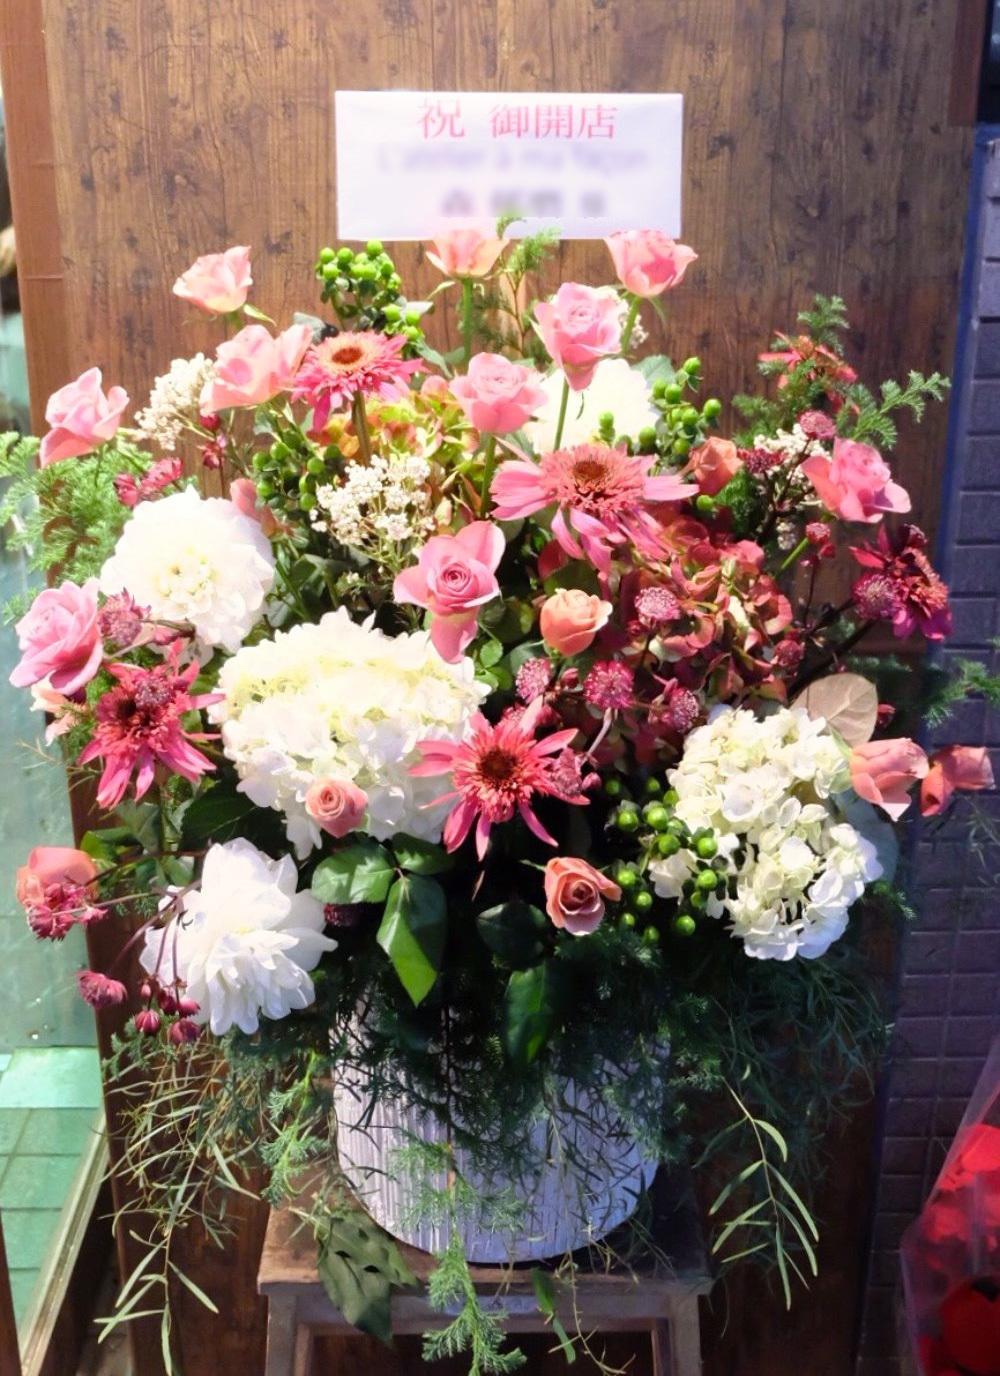 アンティーク調のカフェ様へ、くすみピンクと白の落ち着いた開店祝い花